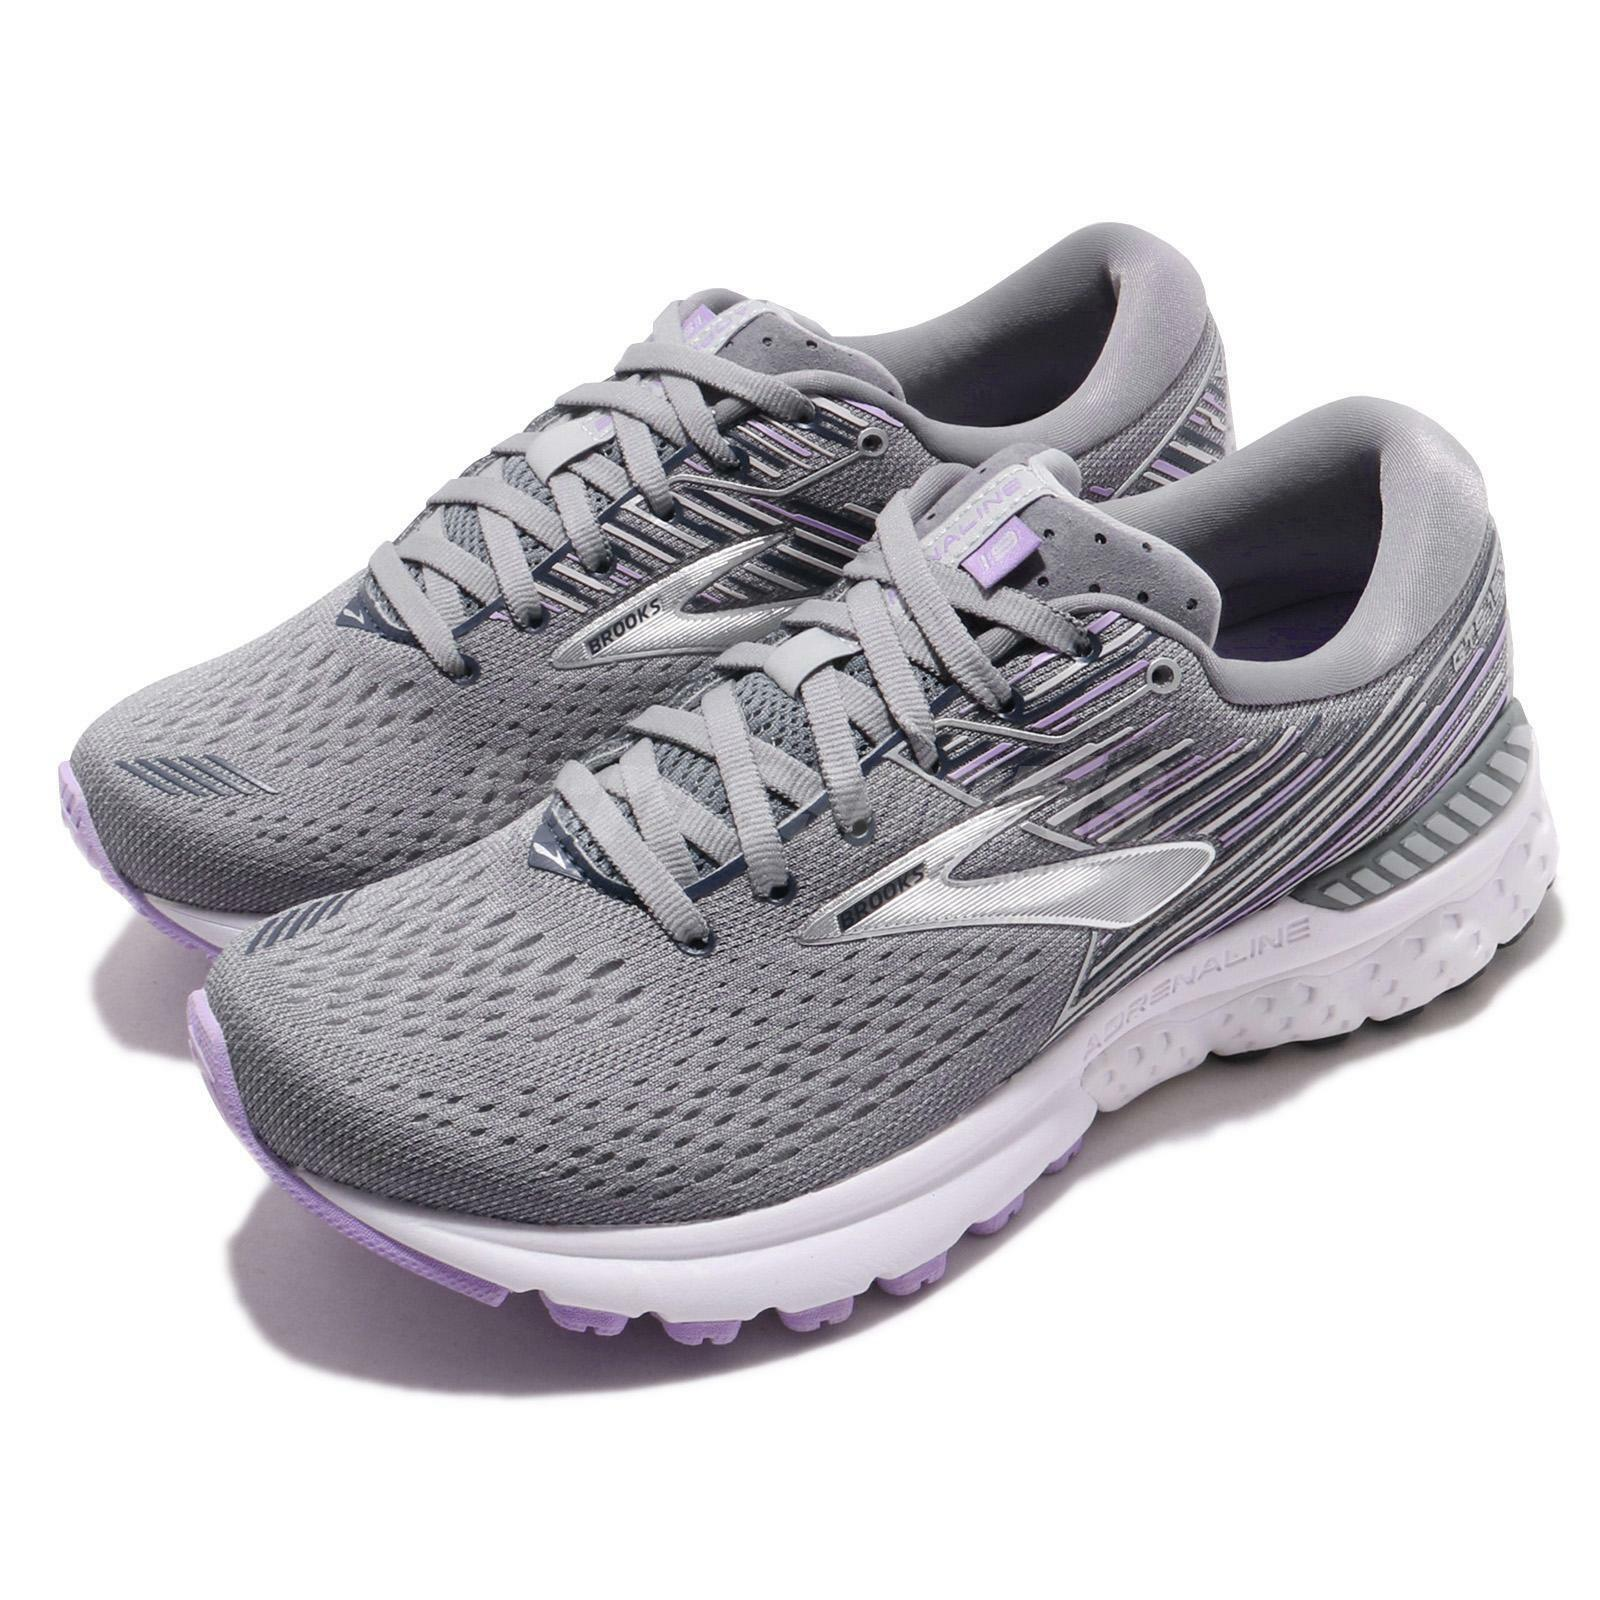 Brooks Adrenaline GTS GTS GTS 19 D Wide gris Lavender Navy mujer Running zapatos 120284 1D  Entrega directa y rápida de fábrica